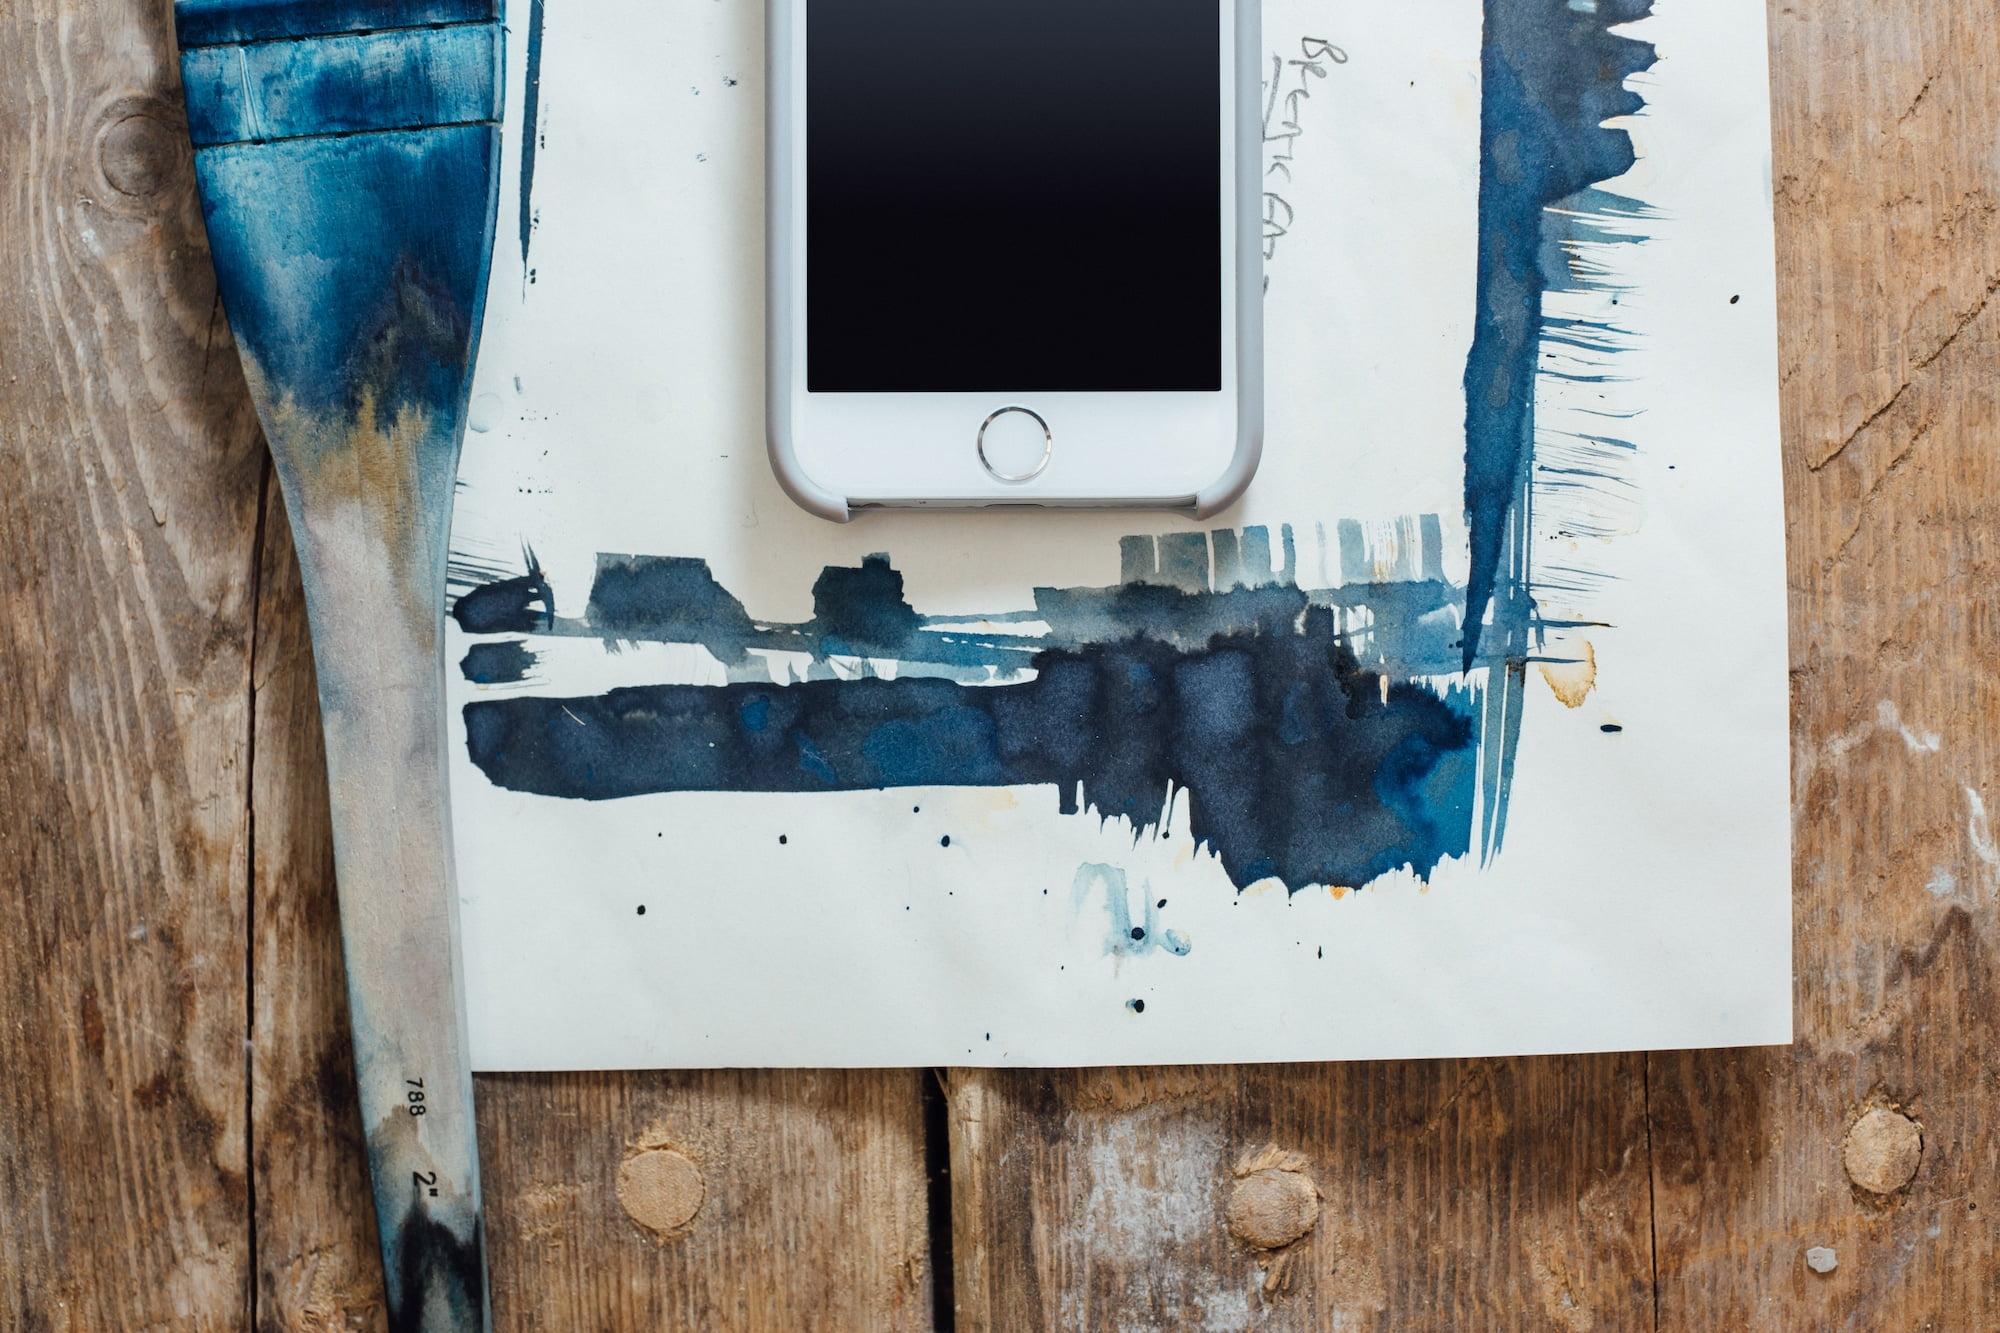 Kuinka usein kännykkä tulisi uudelleenkäynnistää?